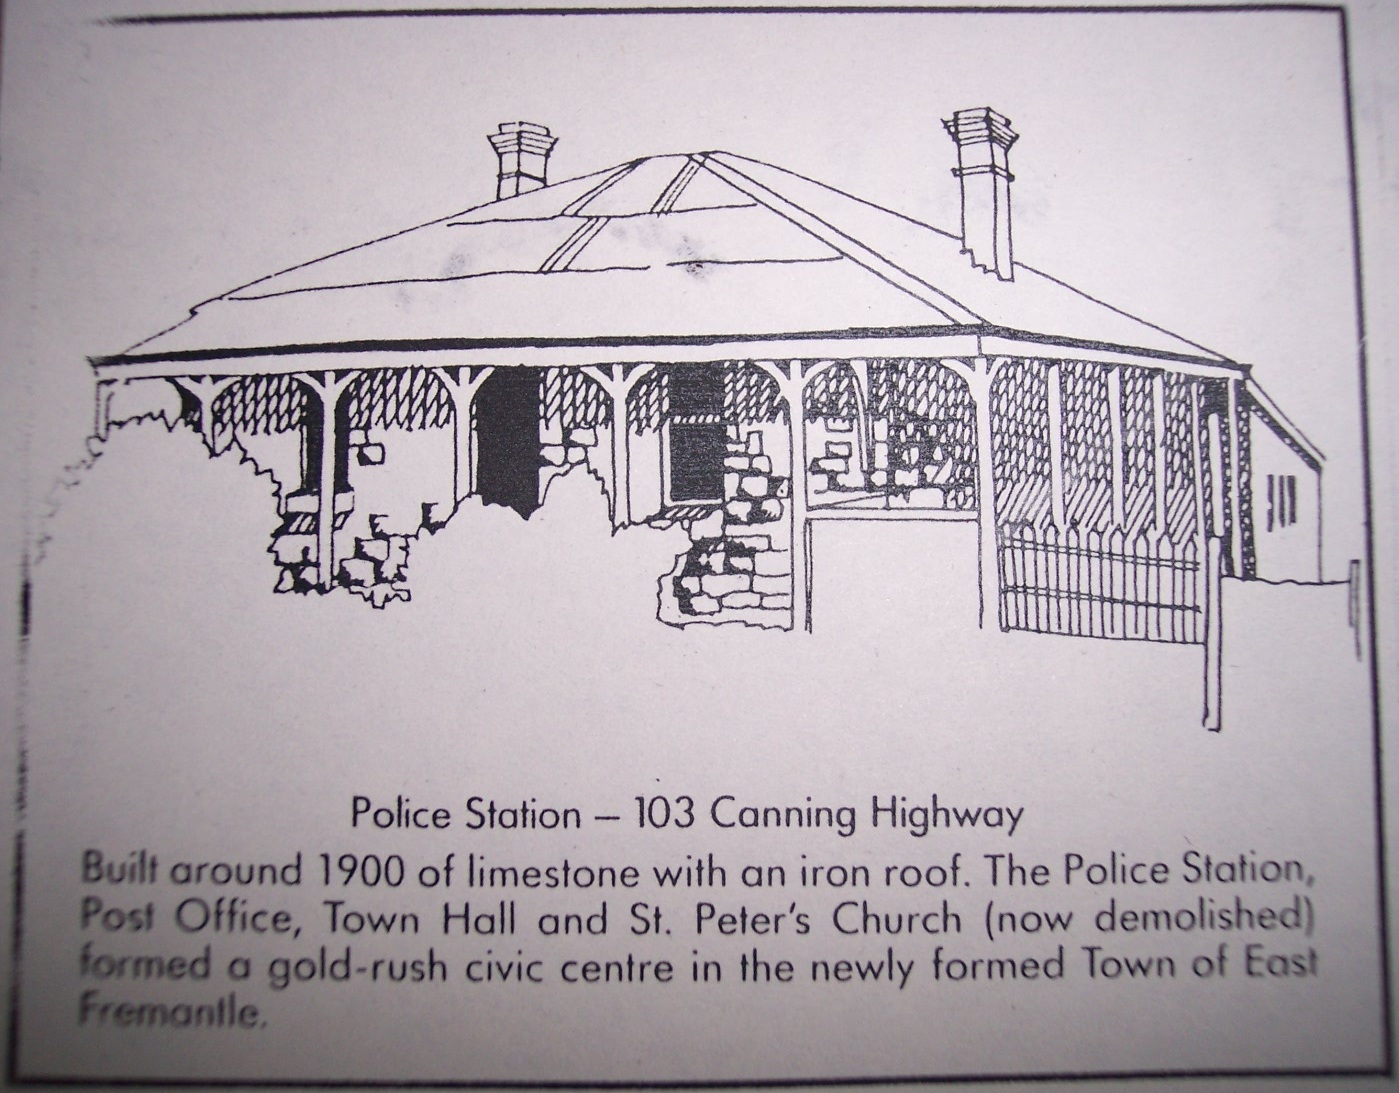 Former Police Station